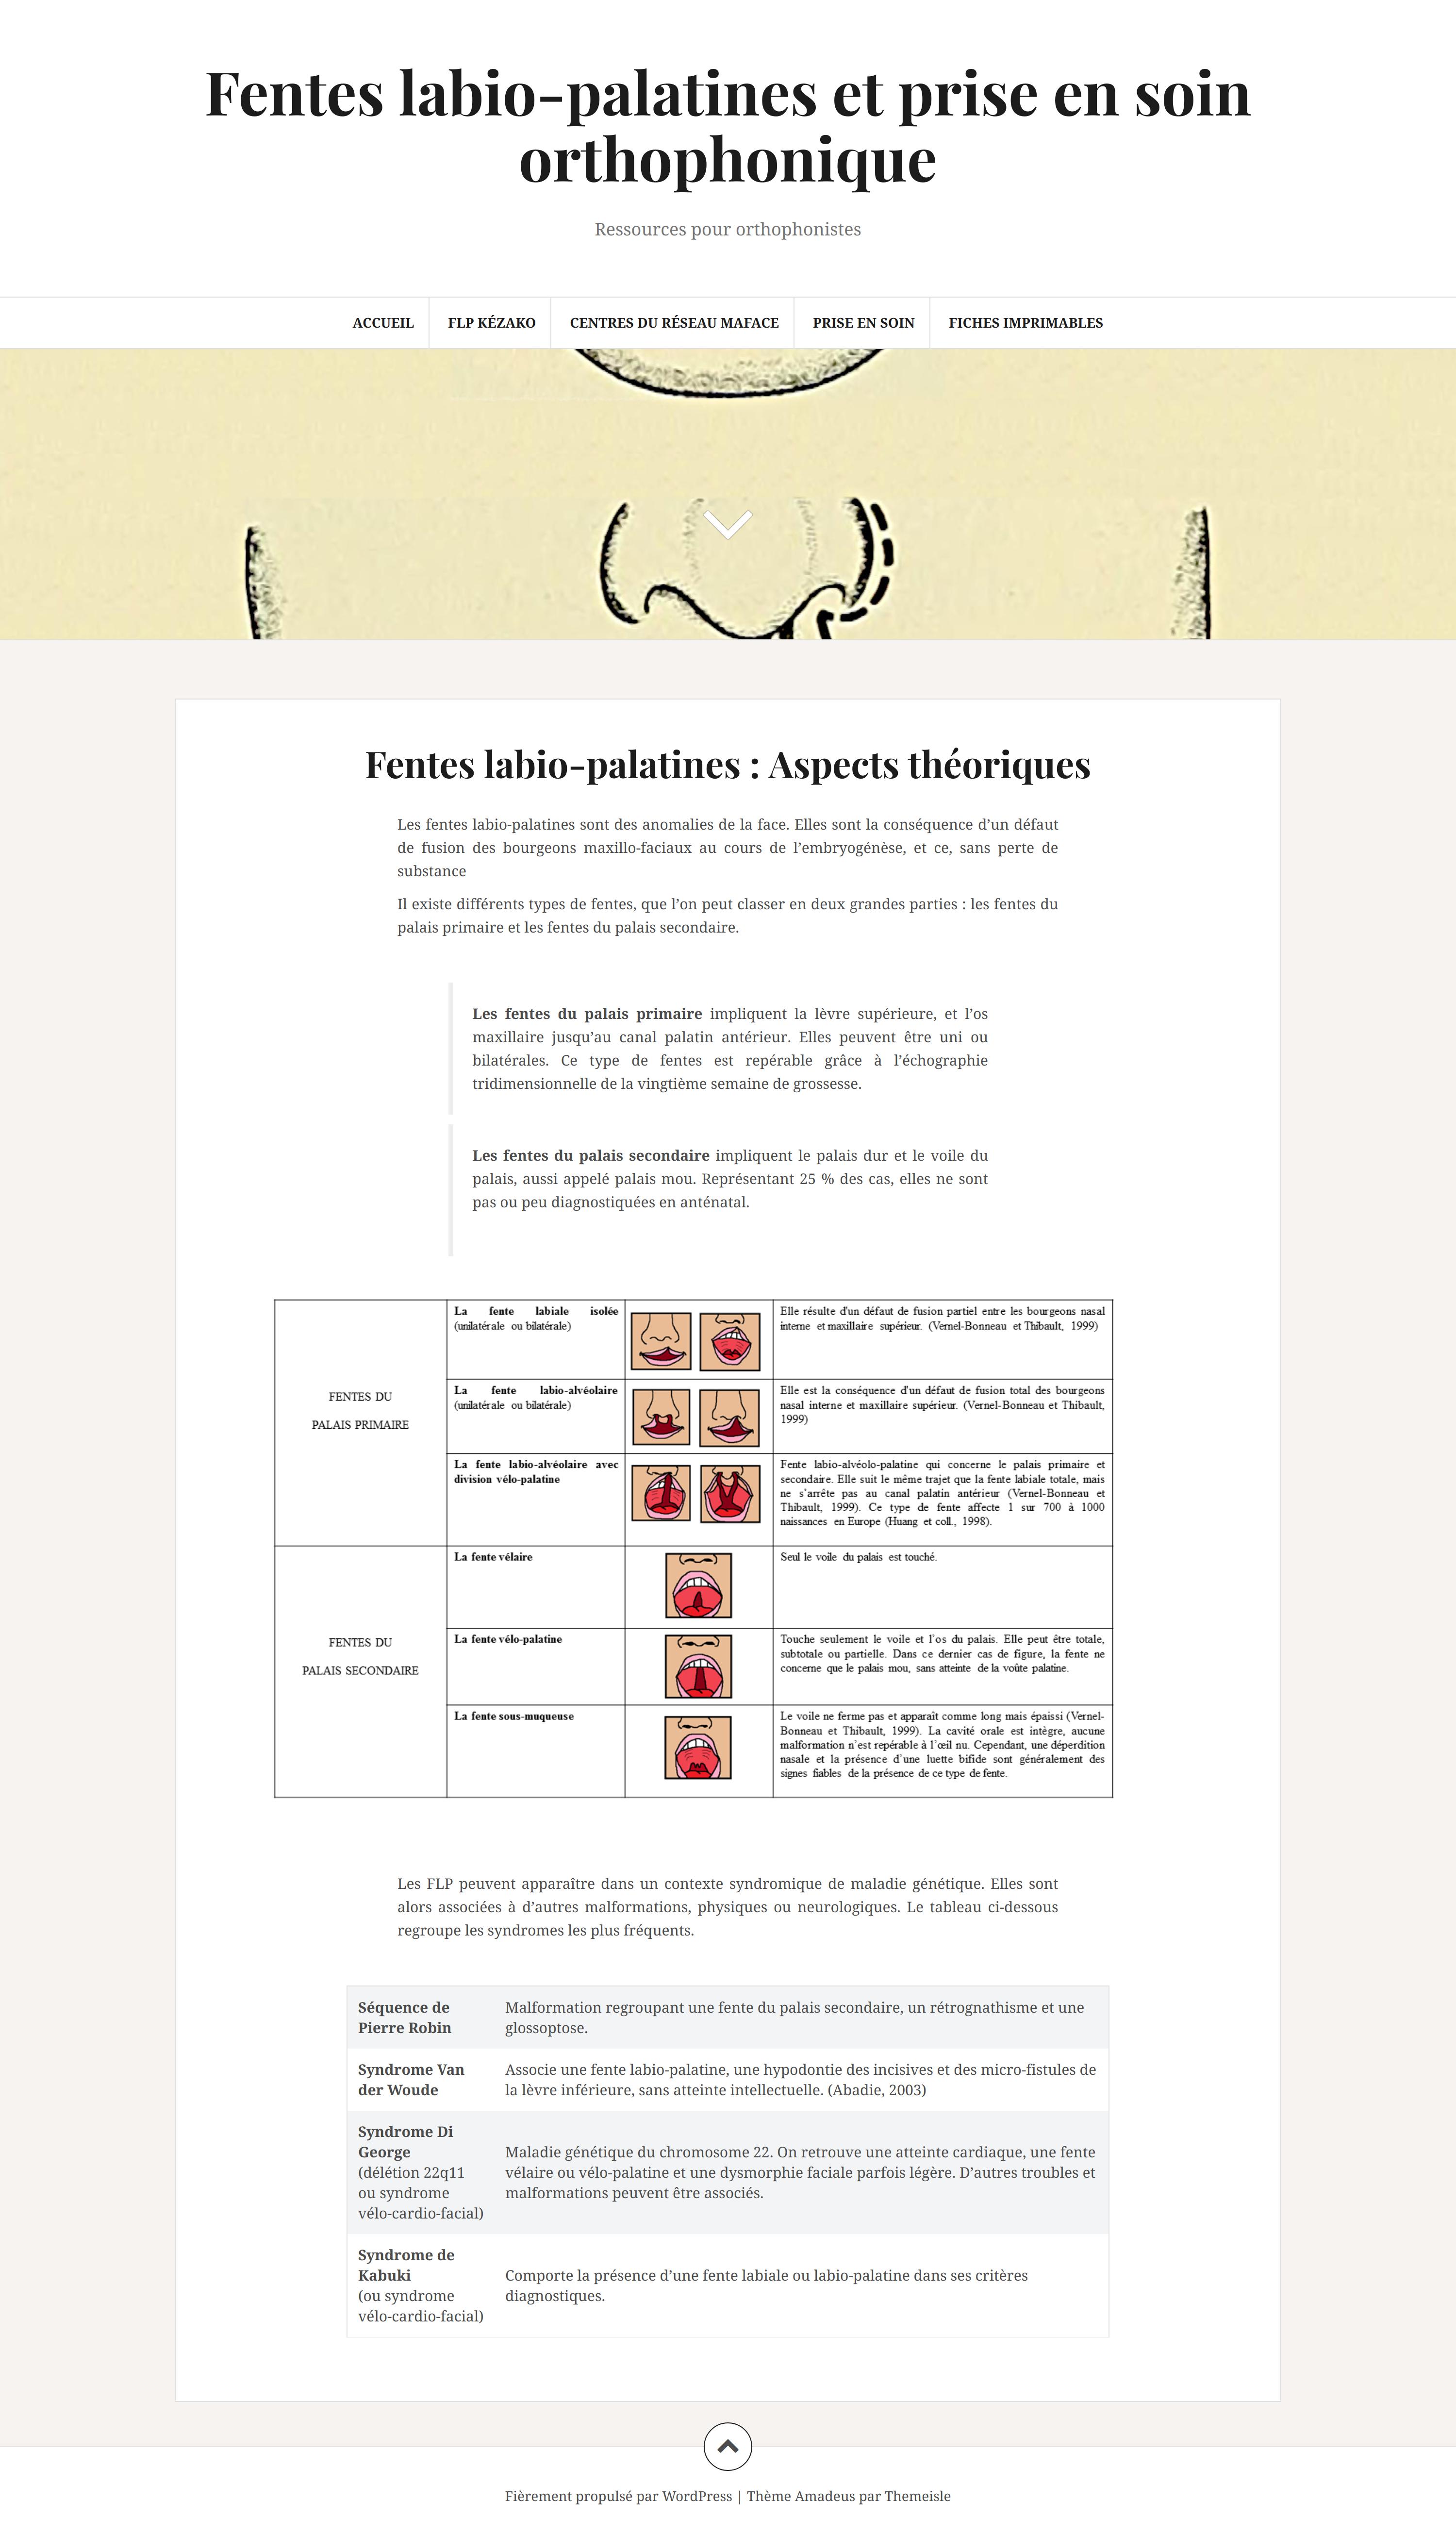 """Website """"Fentes labio-palatines et prise en soin orthophonique"""""""